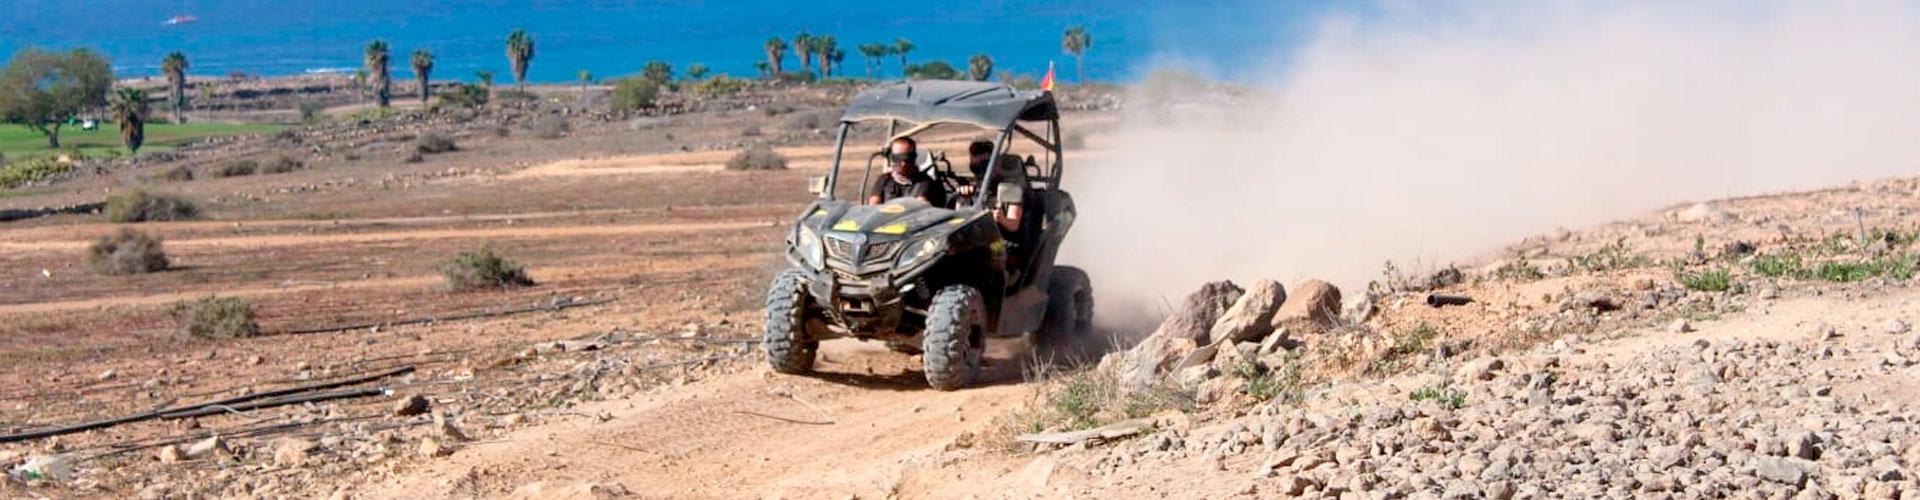 Safari Buggy Teneriffa